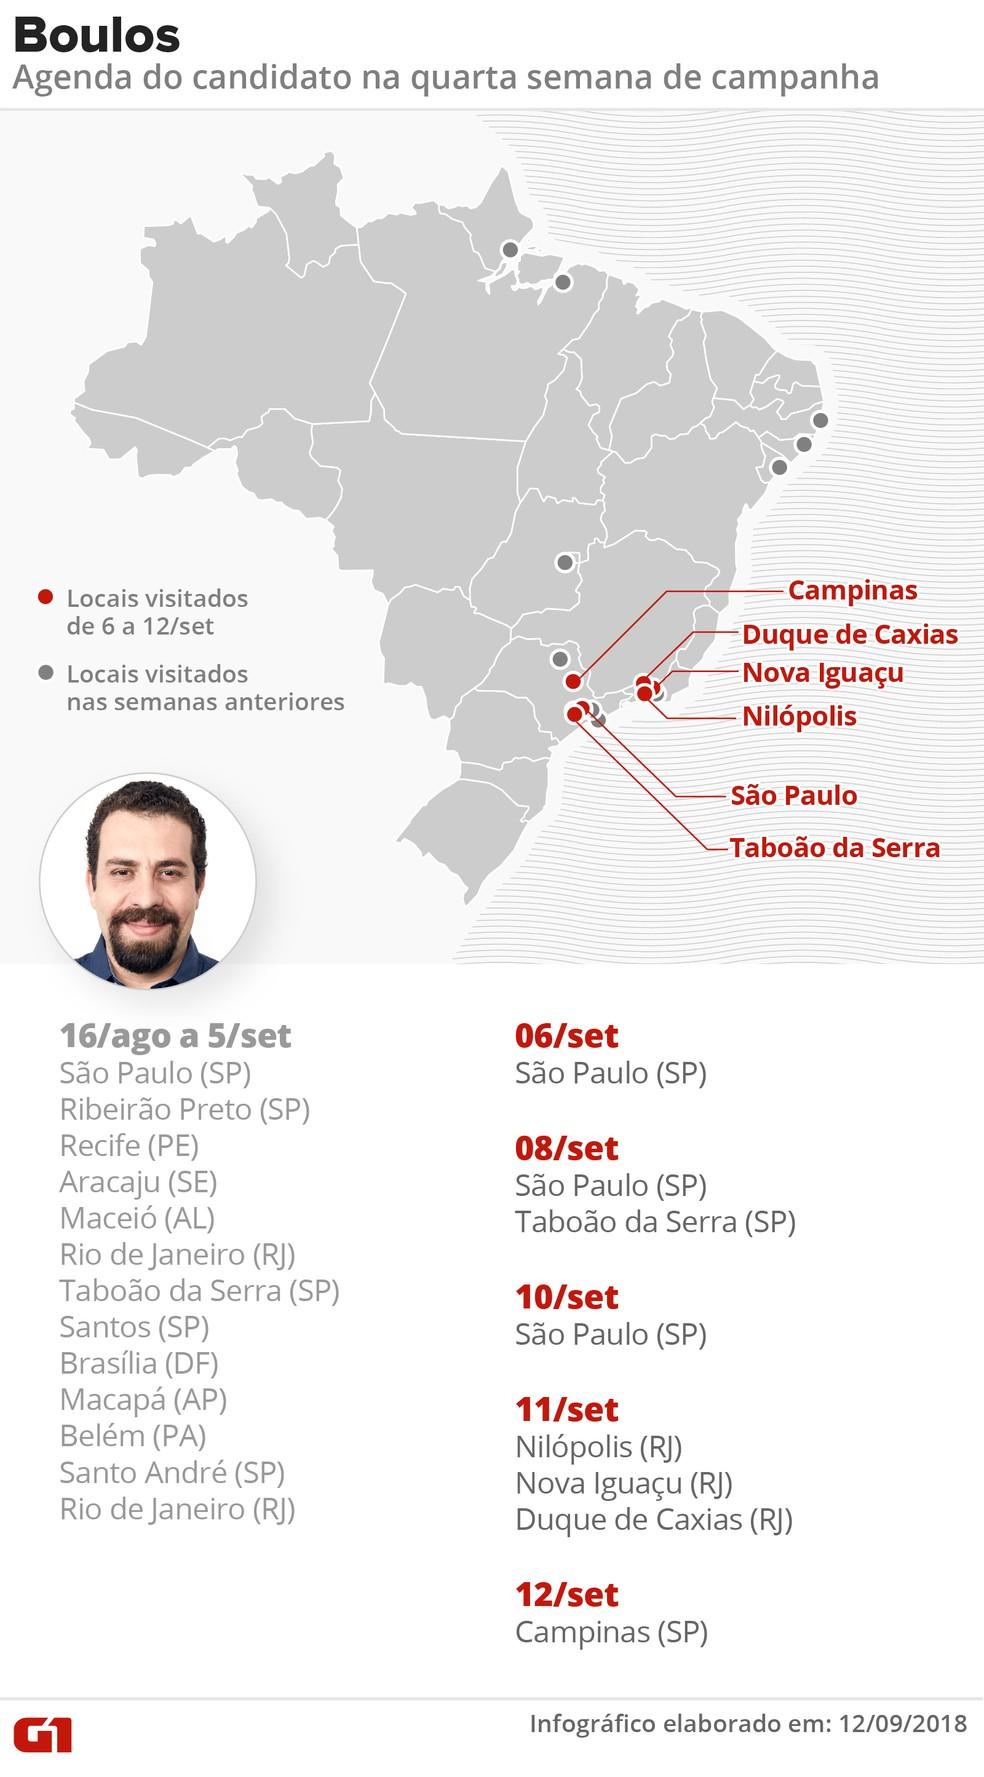 Agendas do candidato Guilherme Boulos (Psol) na 4ª semana de campanha presidencial — Foto: Roberta Jaworski/G1